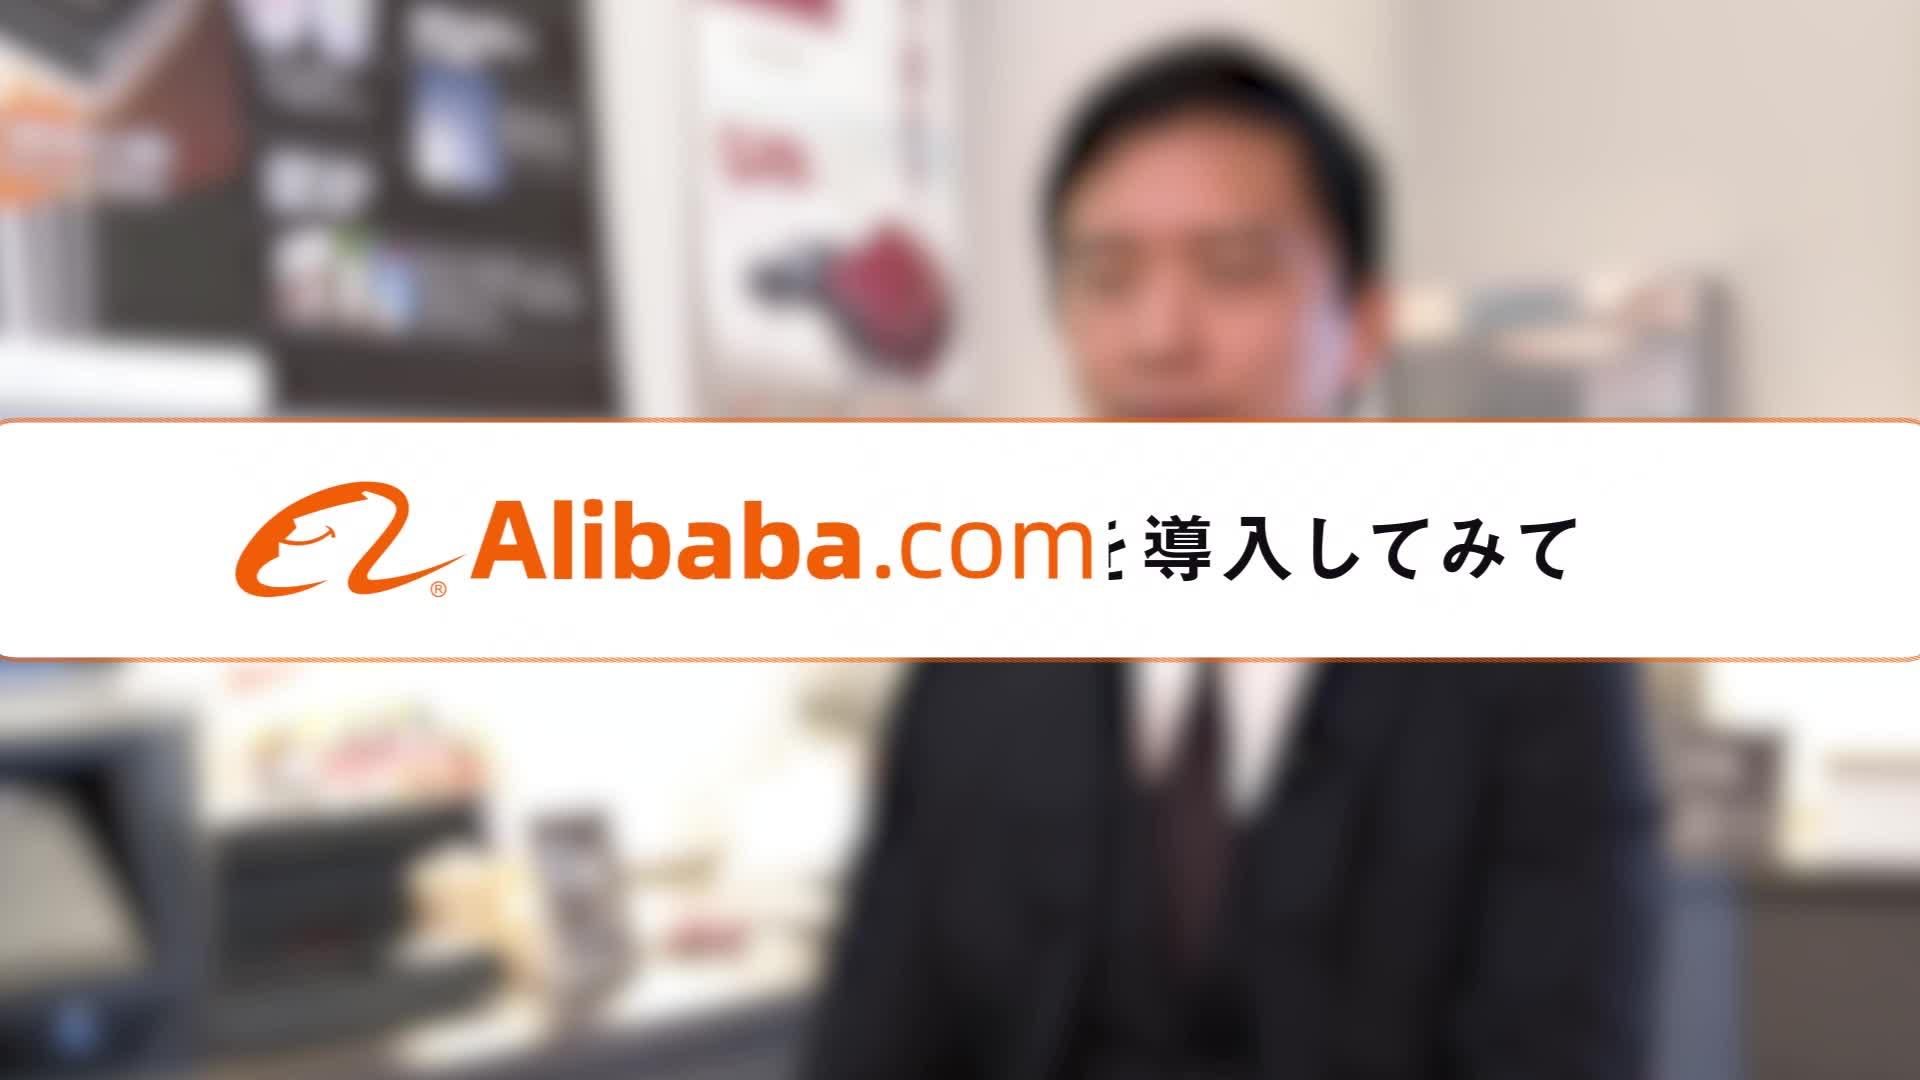 導入事例動画/インタビュー動画